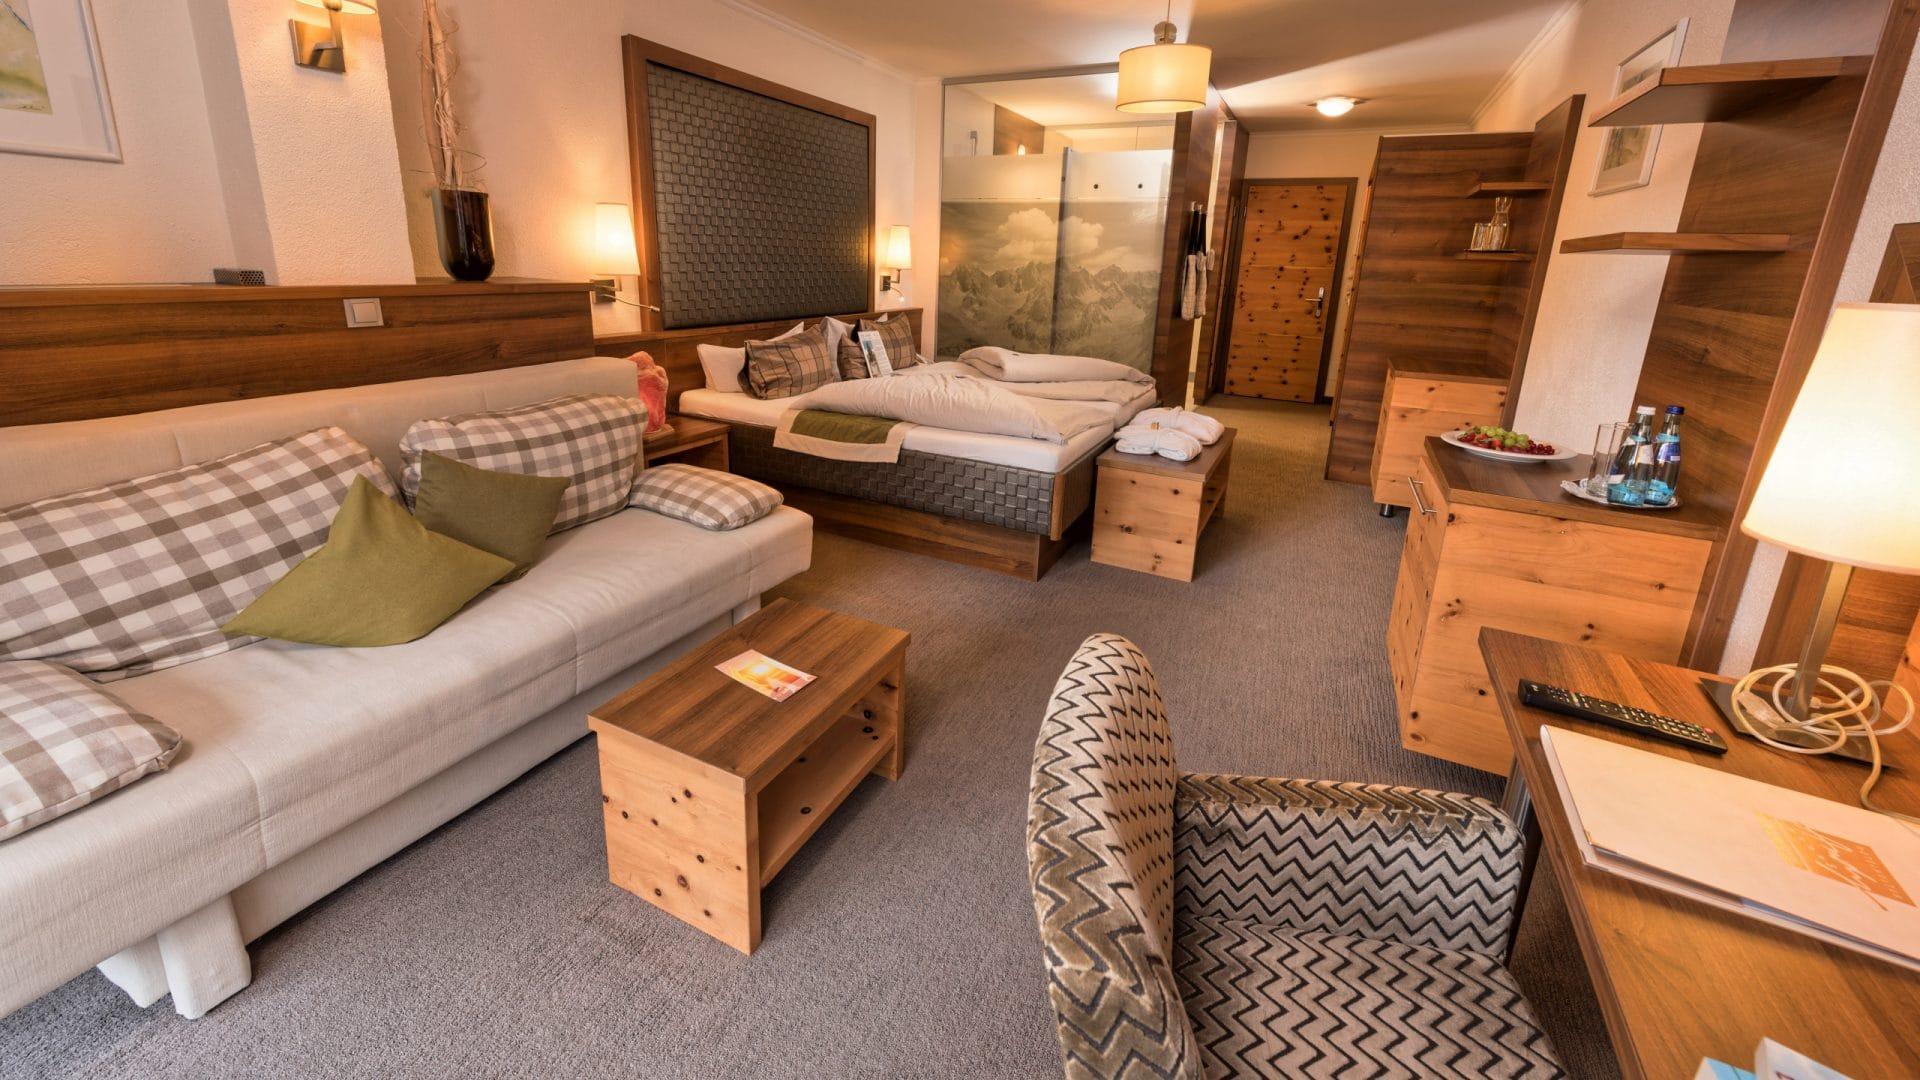 doppelzimmer komfort 33m hotel andy jerzens. Black Bedroom Furniture Sets. Home Design Ideas